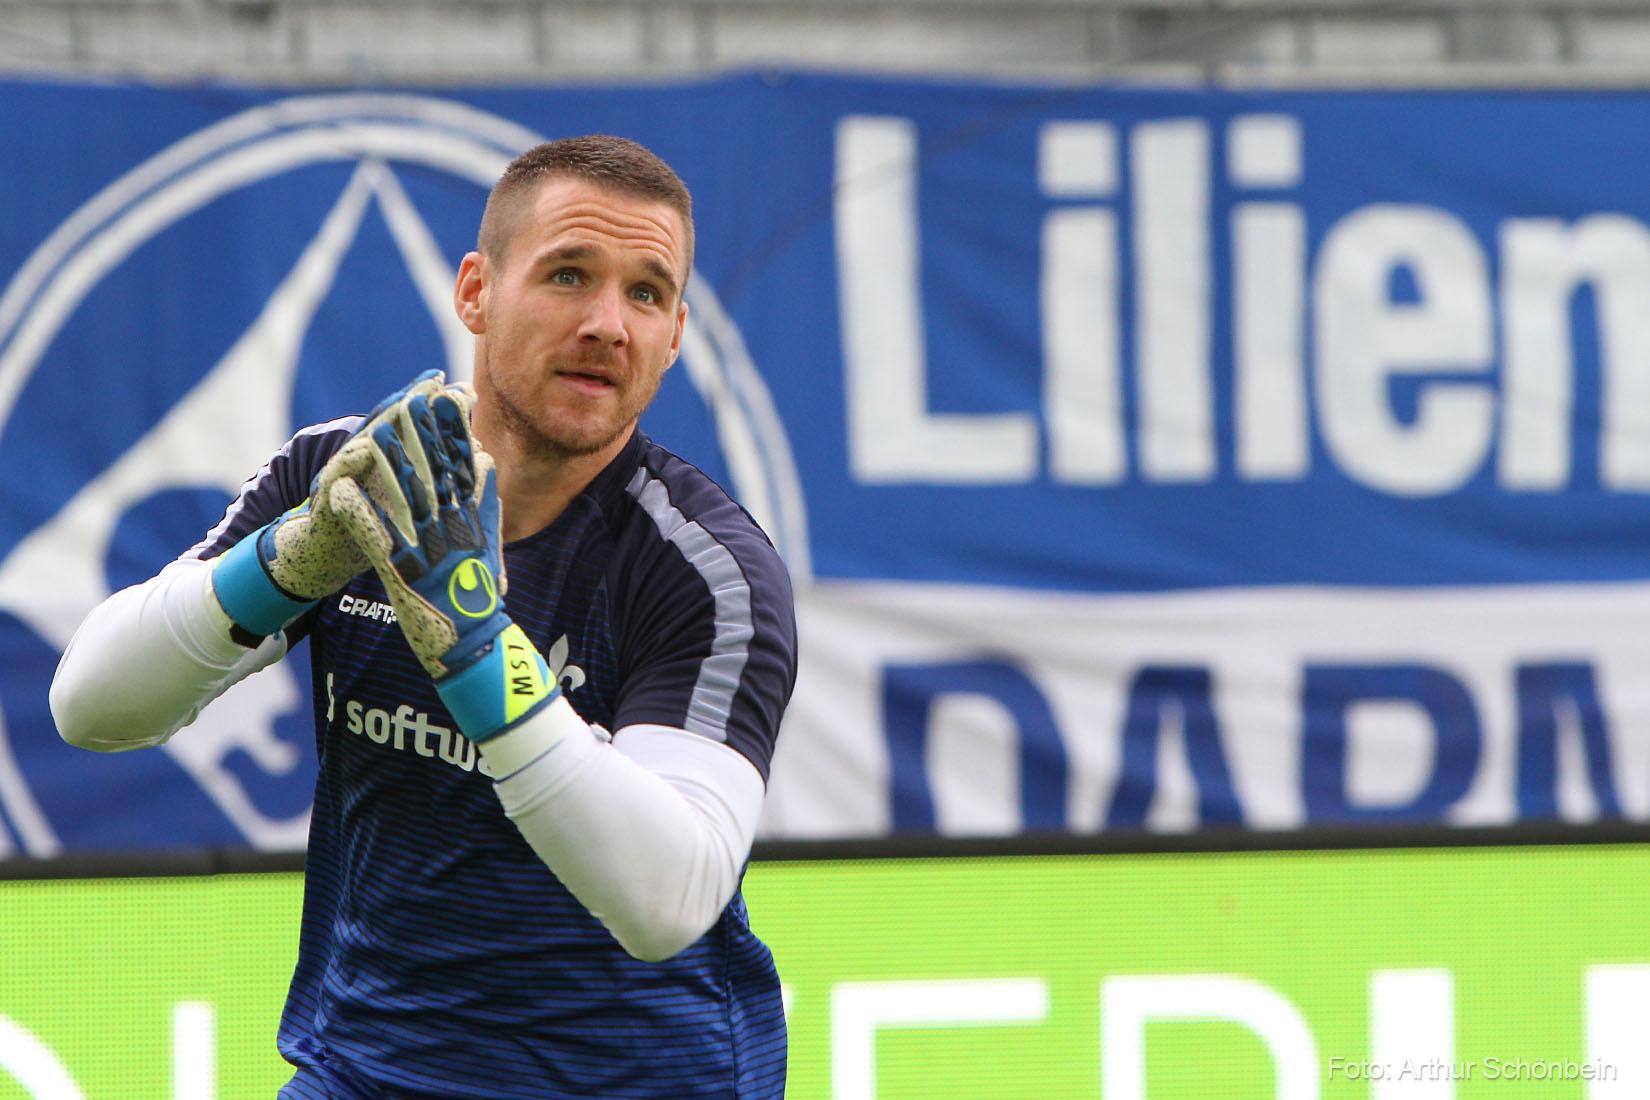 Marcel Schuhen ist Lilien-Spieler des 5. Spieltags